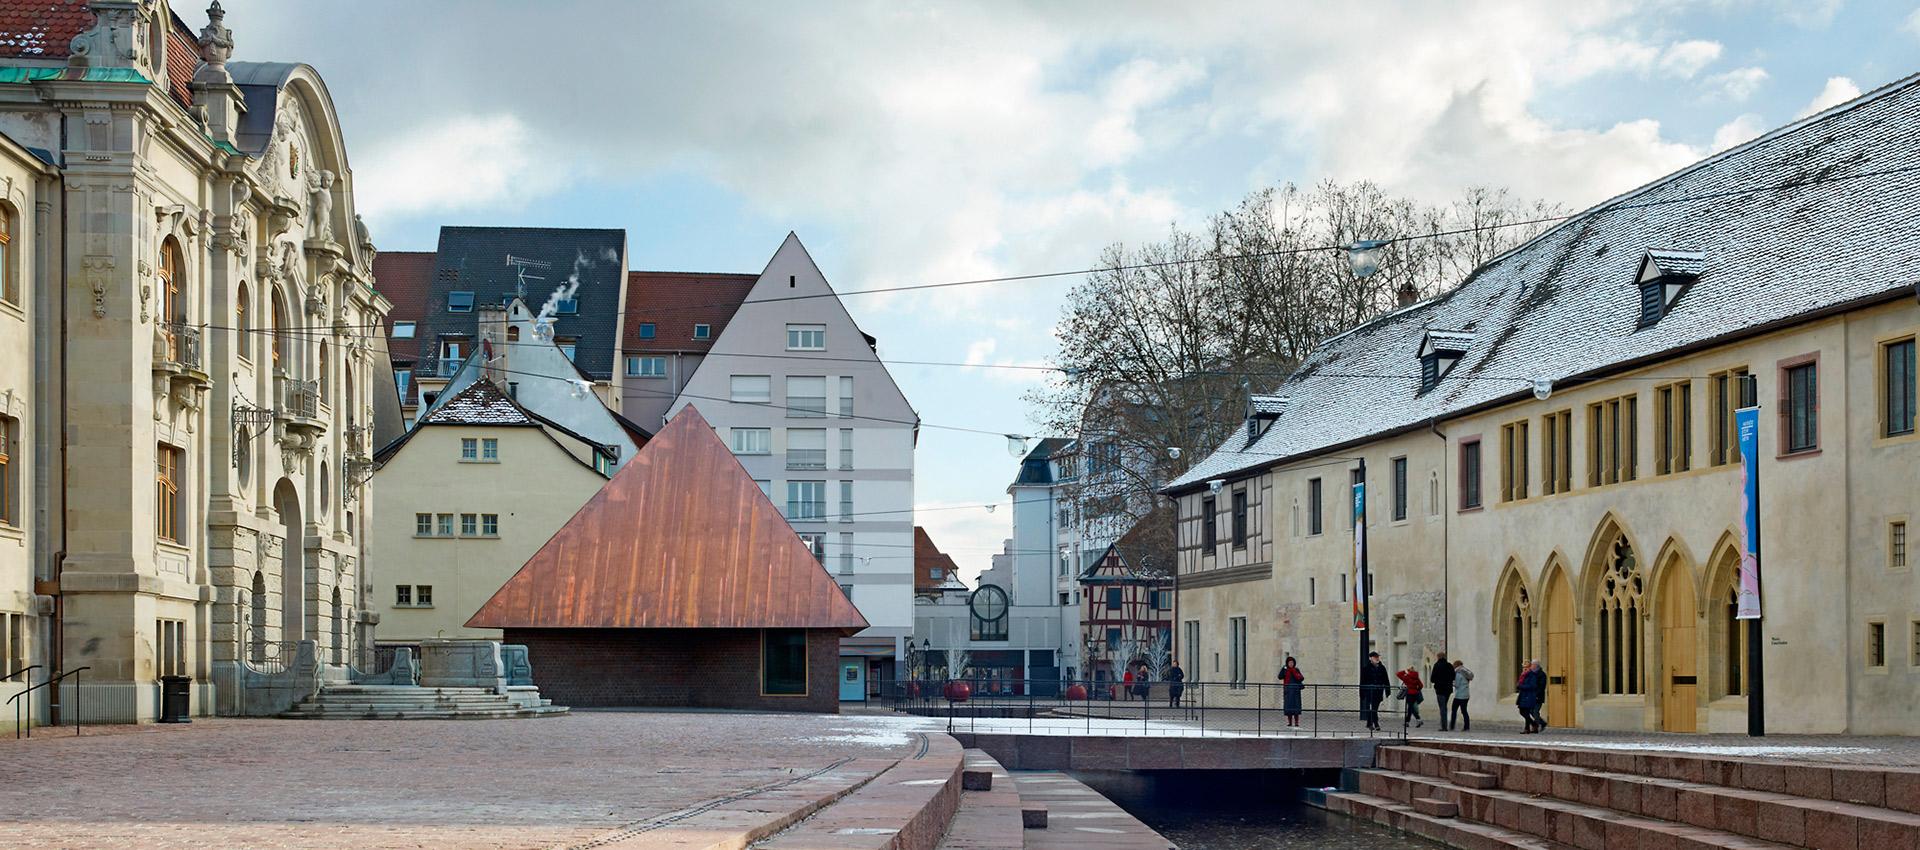 Ampliación del Museo Unterlinden por Herzog & de Meuron. Fotografía © Ruedi Walti